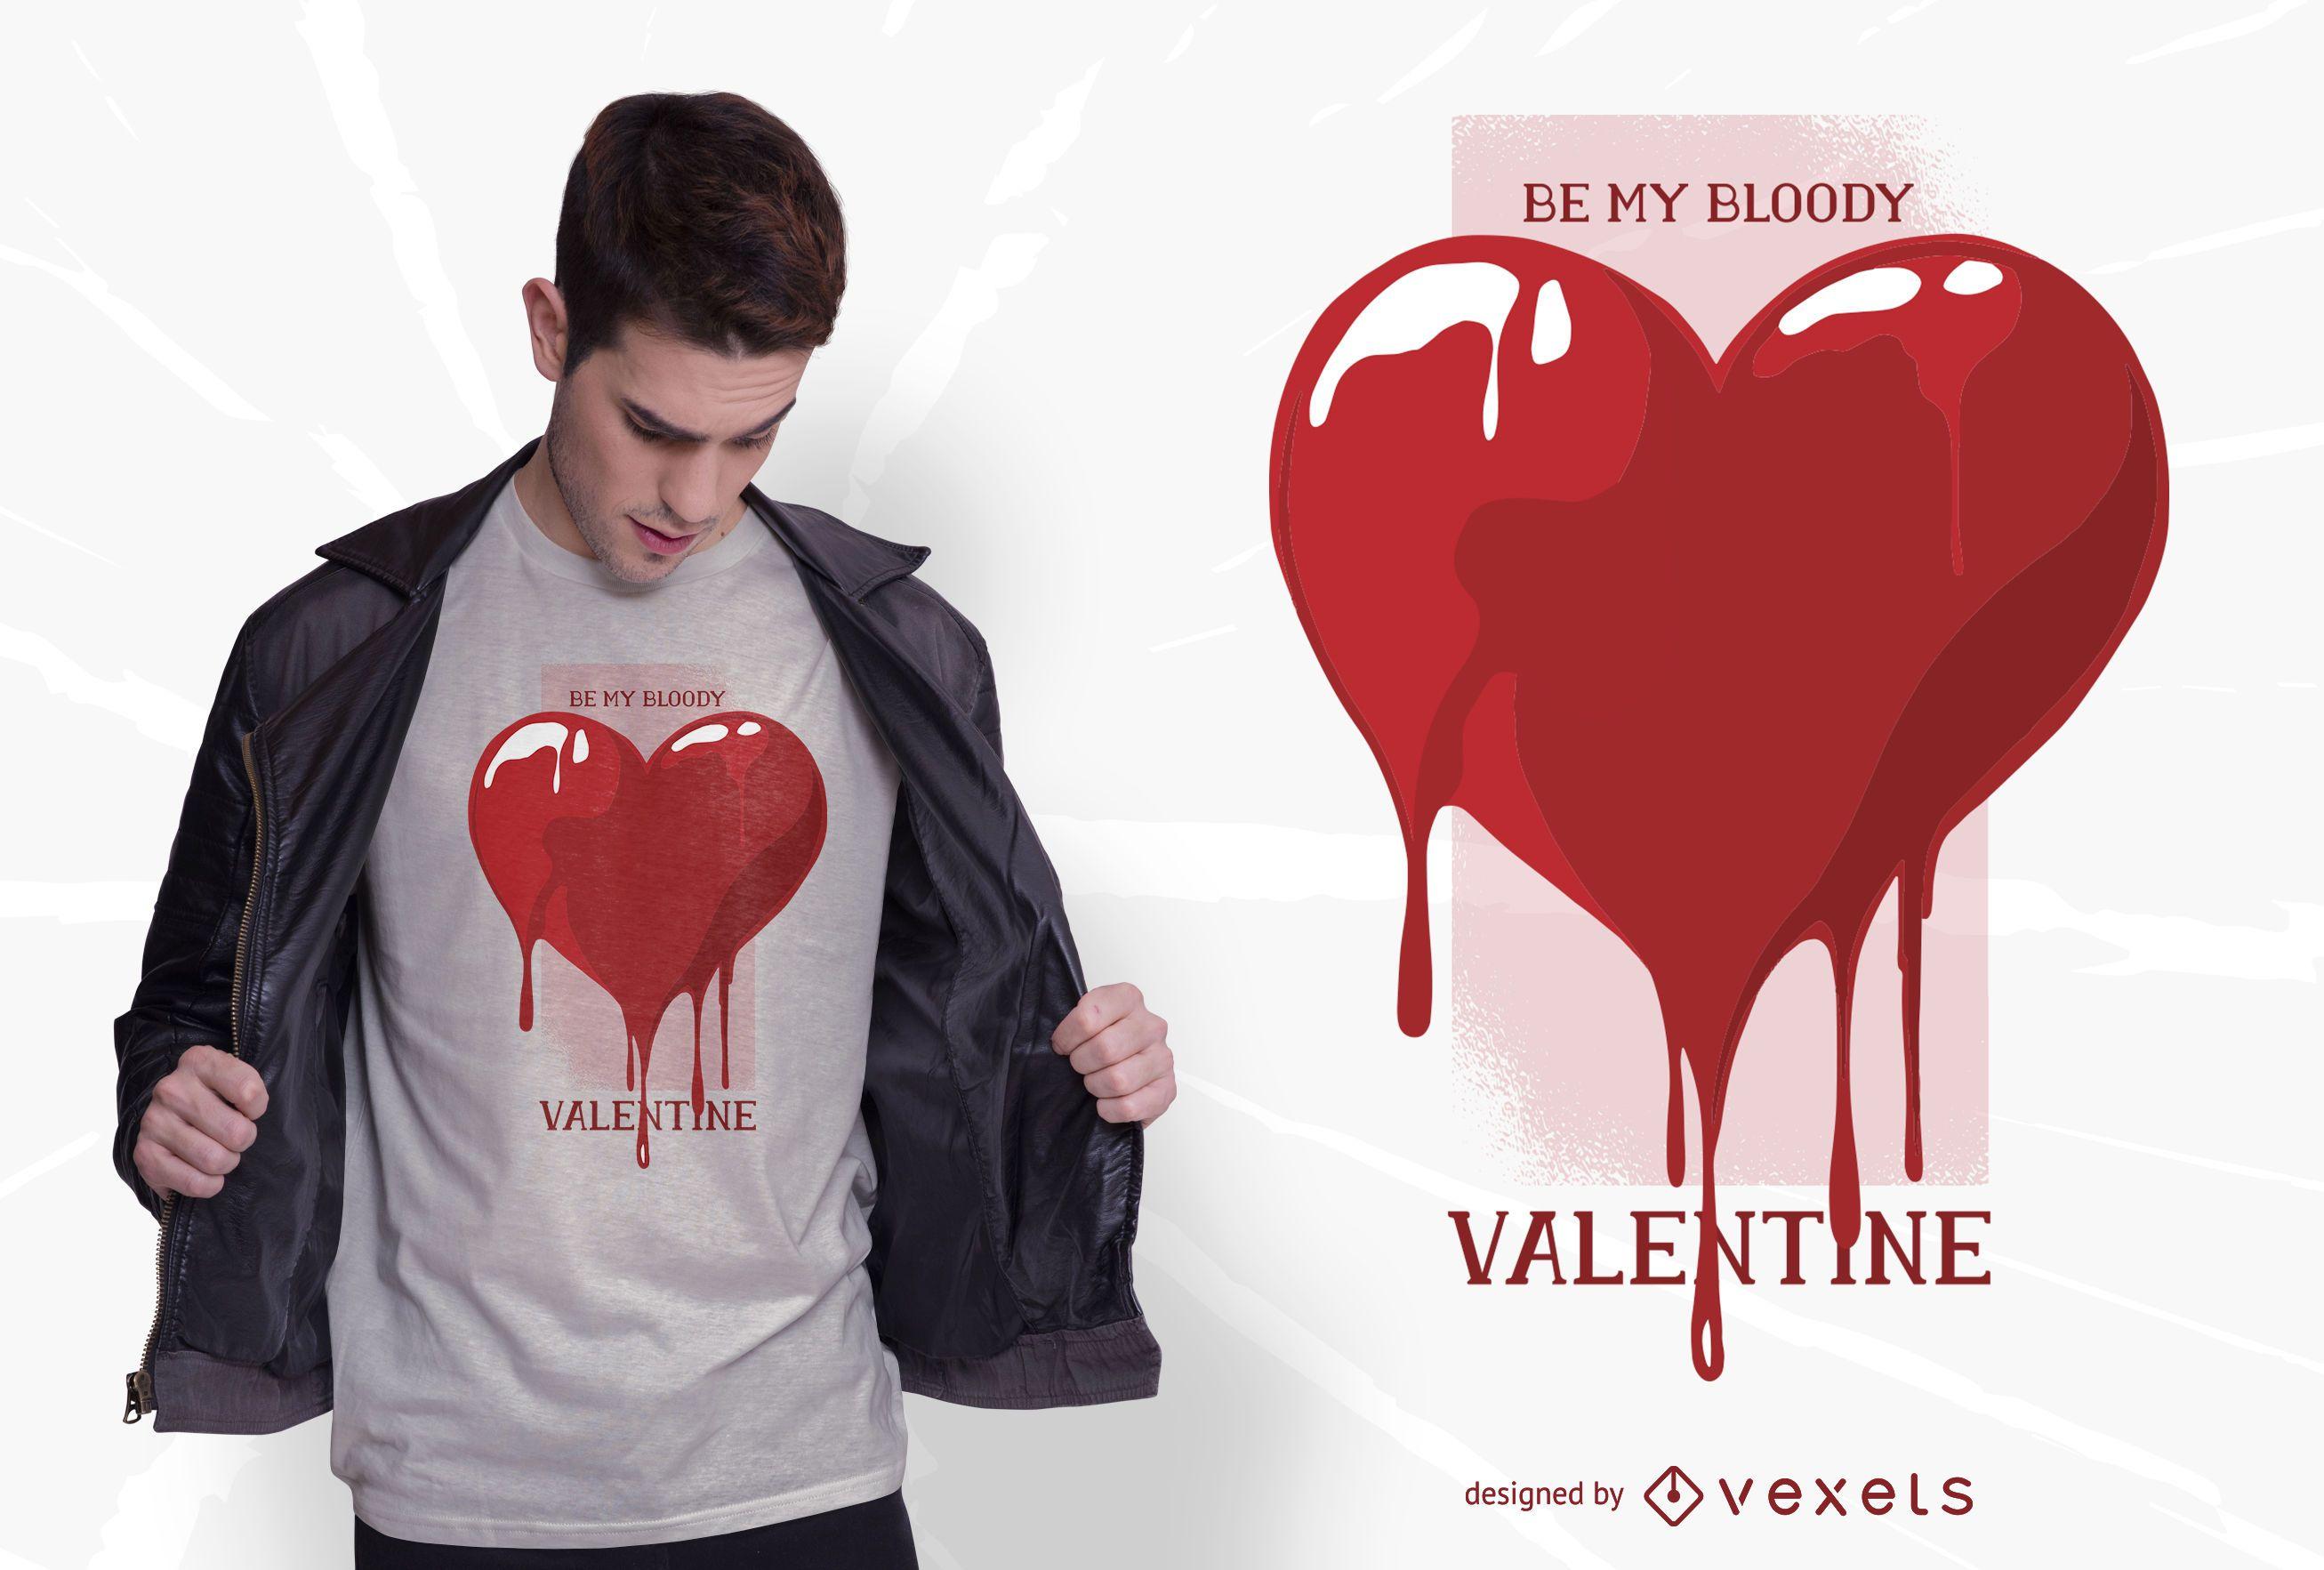 Bloody heart valentine t-shirt design